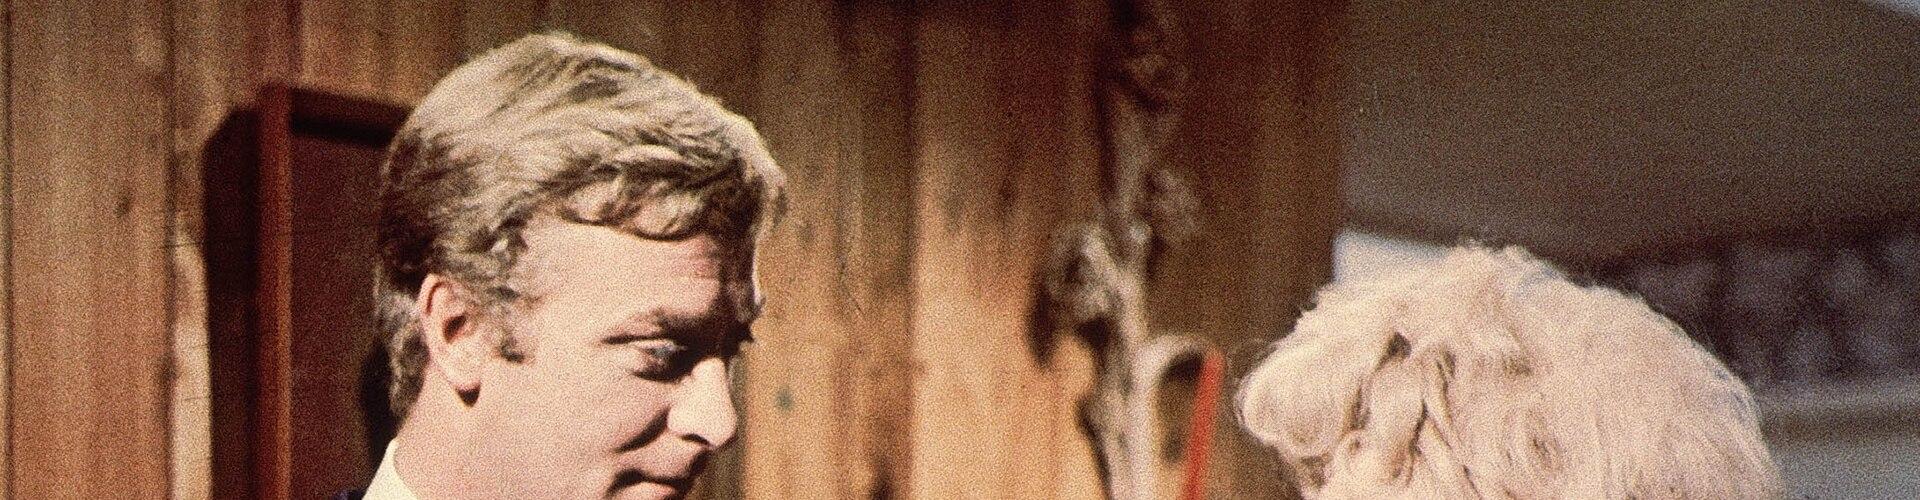 Watch Alfie (1966) Online